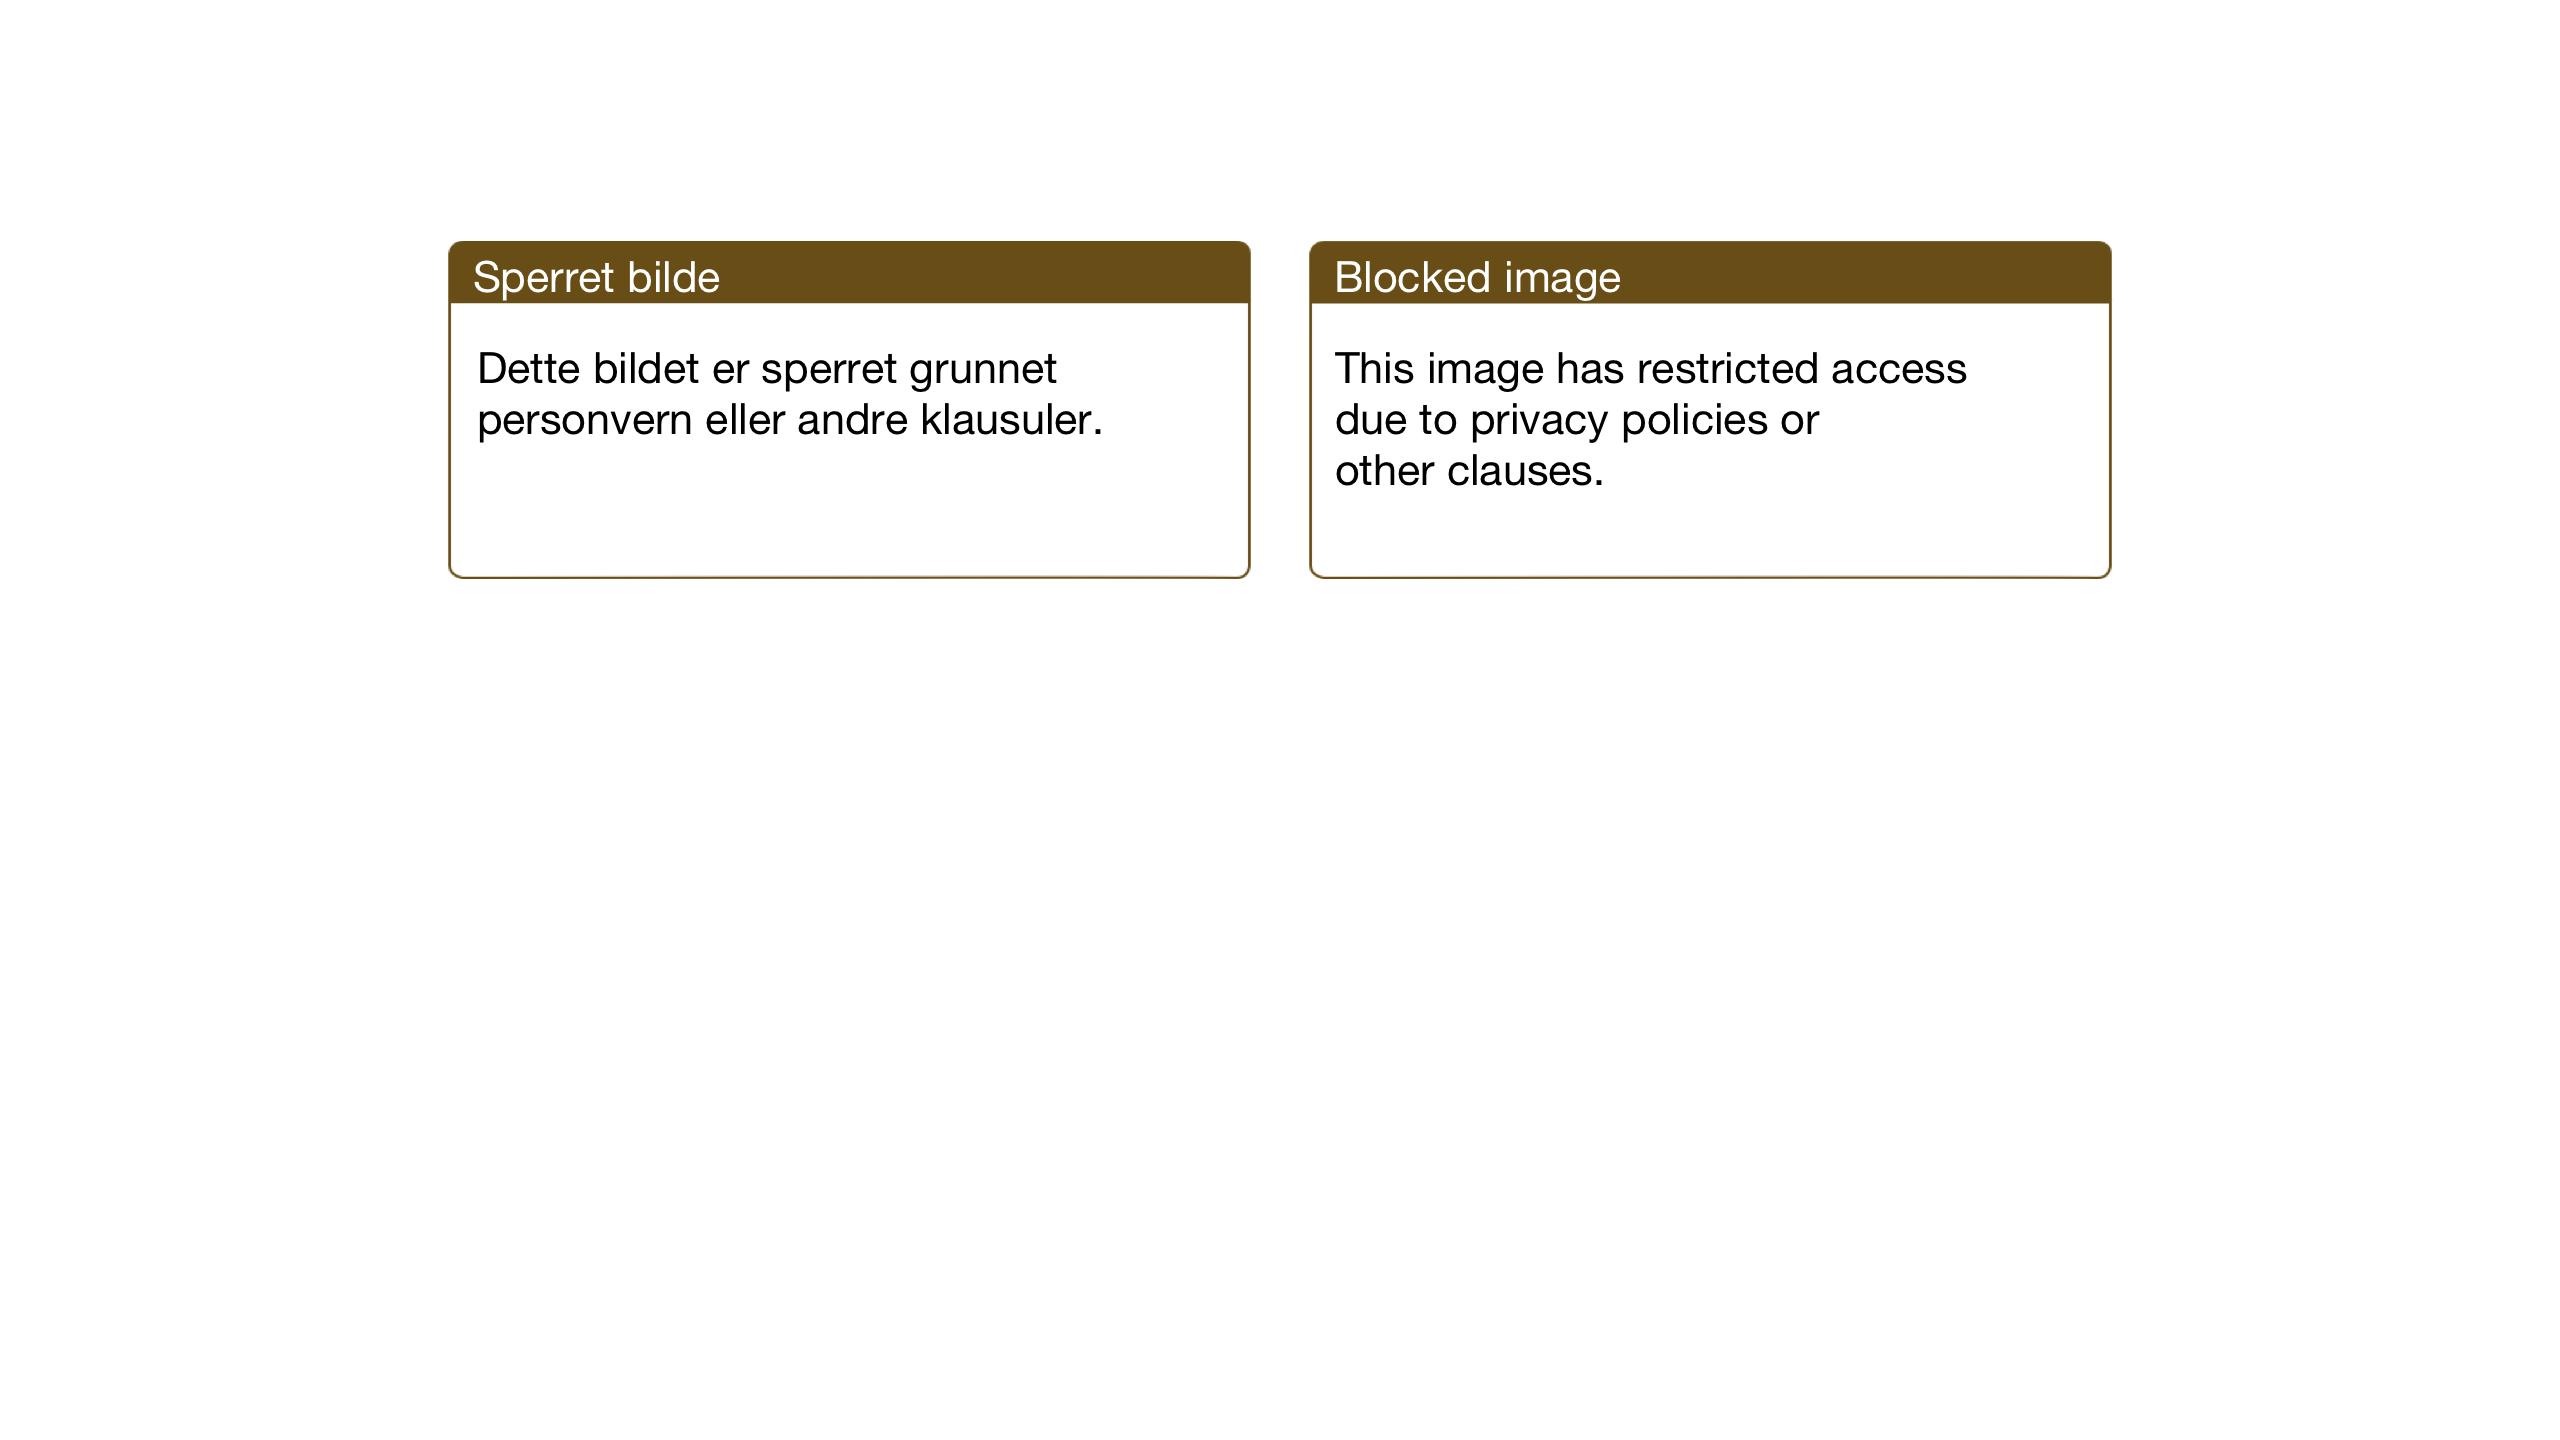 SAT, Ministerialprotokoller, klokkerbøker og fødselsregistre - Sør-Trøndelag, 657/L0718: Klokkerbok nr. 657C05, 1923-1948, s. 79